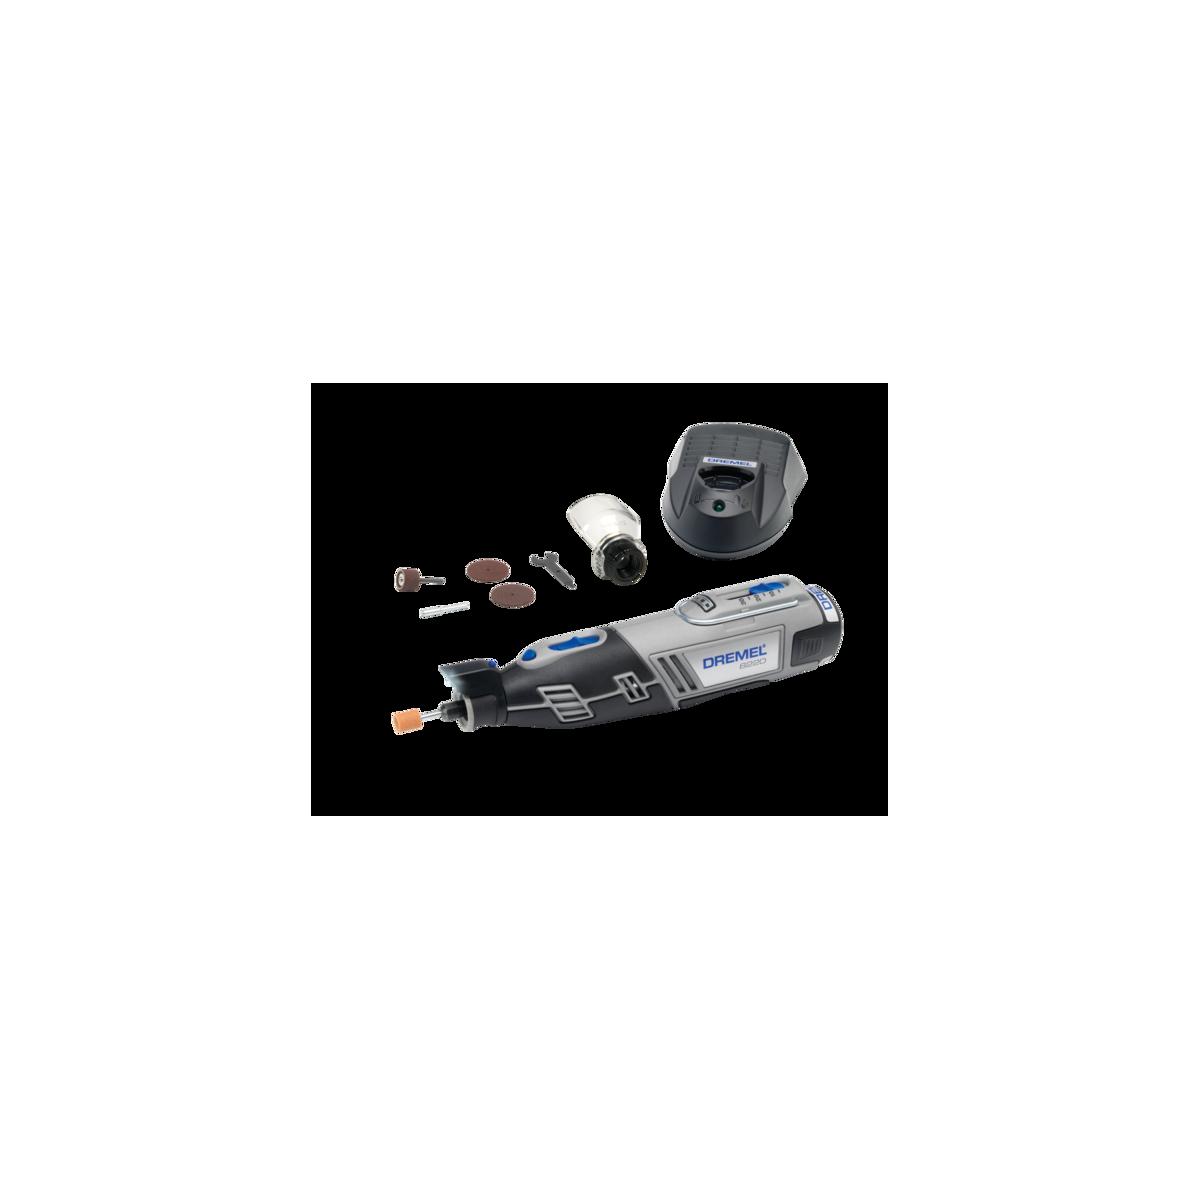 DREMEL Rotācijas instruments 8220-1/5 sērijas Li-ion 12V ar 5 piederumiem F0138220JA